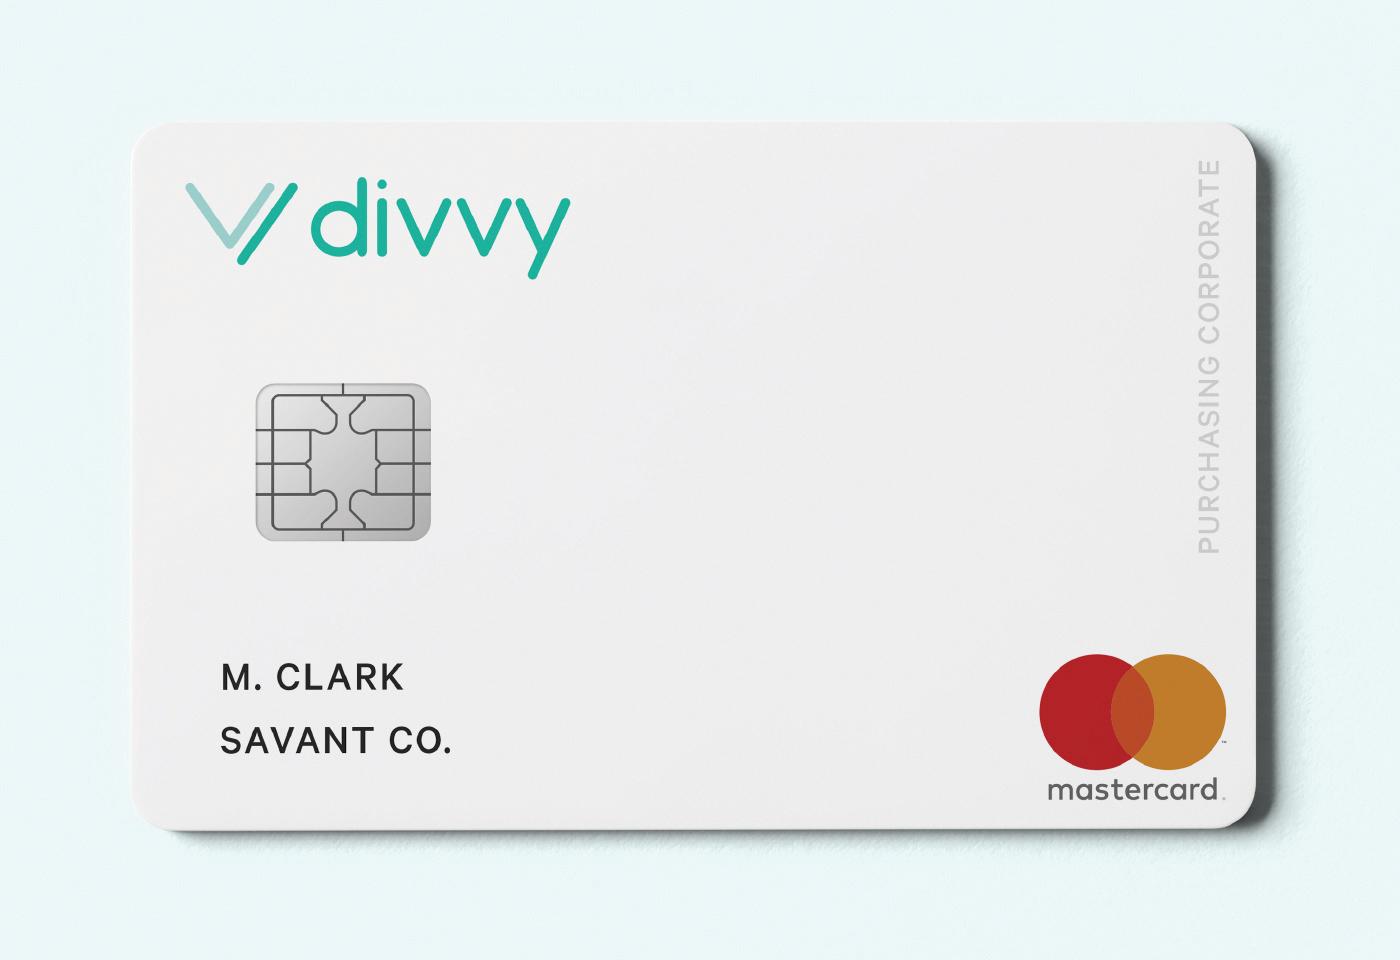 Divvy-2